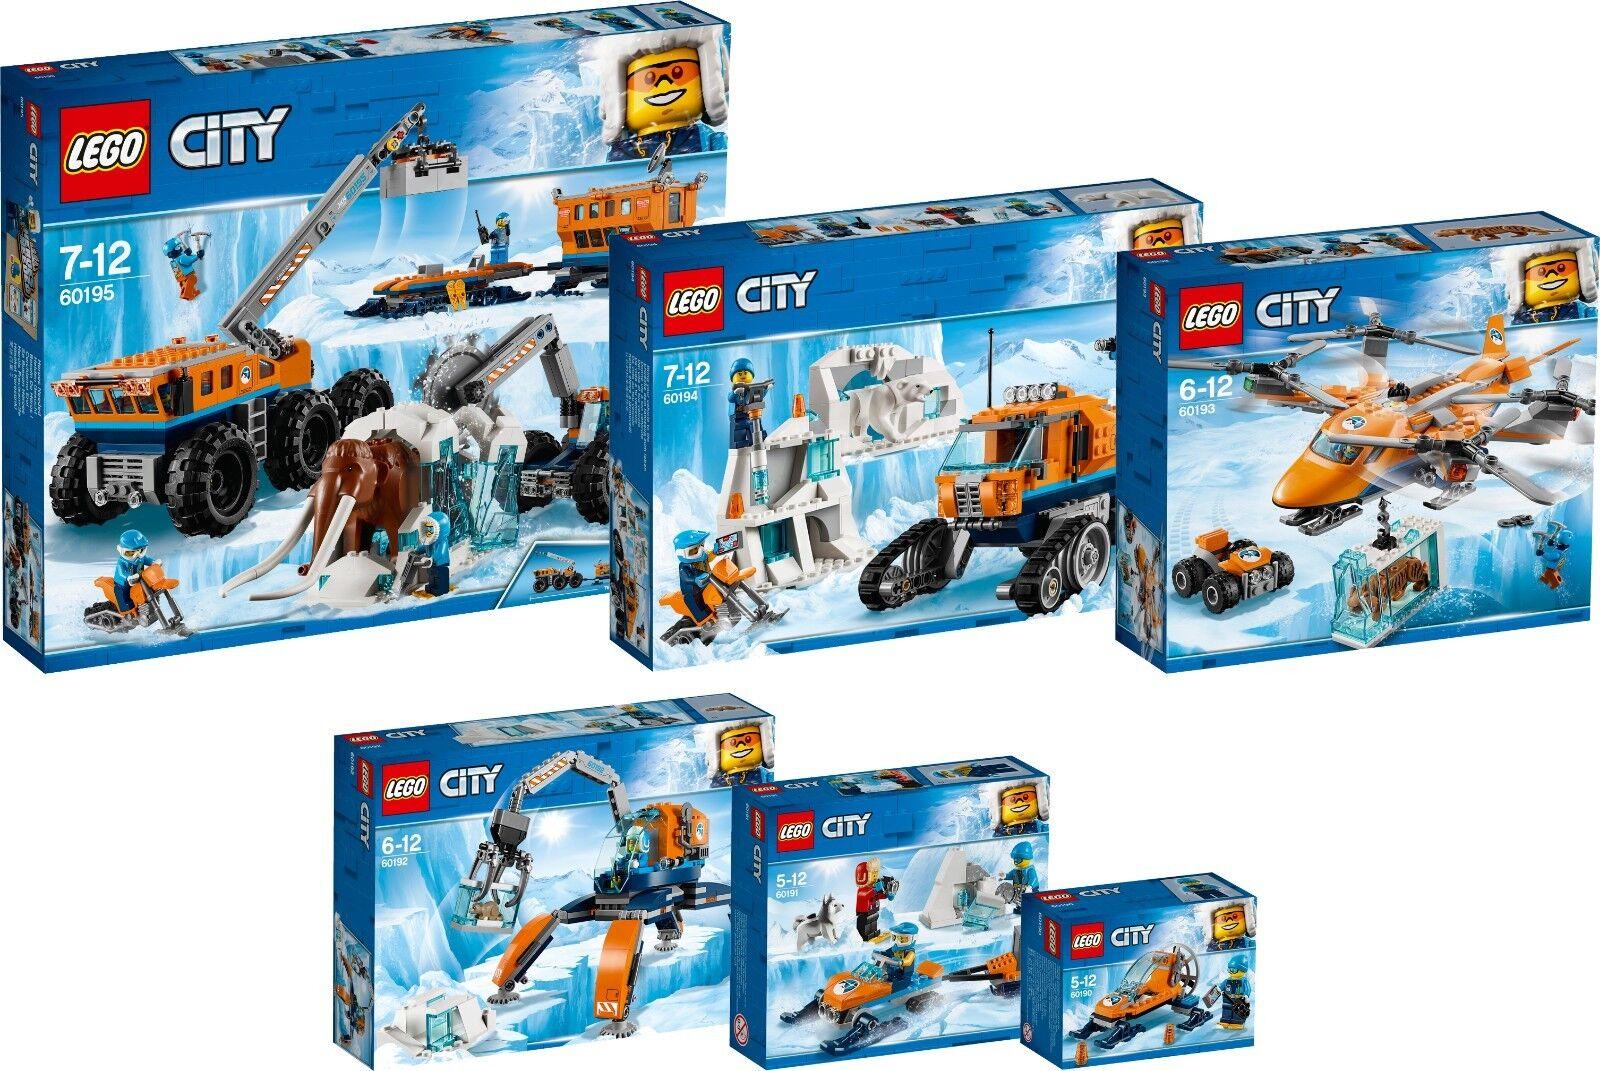 Lego City Arctic transport Full 60195 60194  60193 60192 60191 60190 nouveau n7 18  populaire